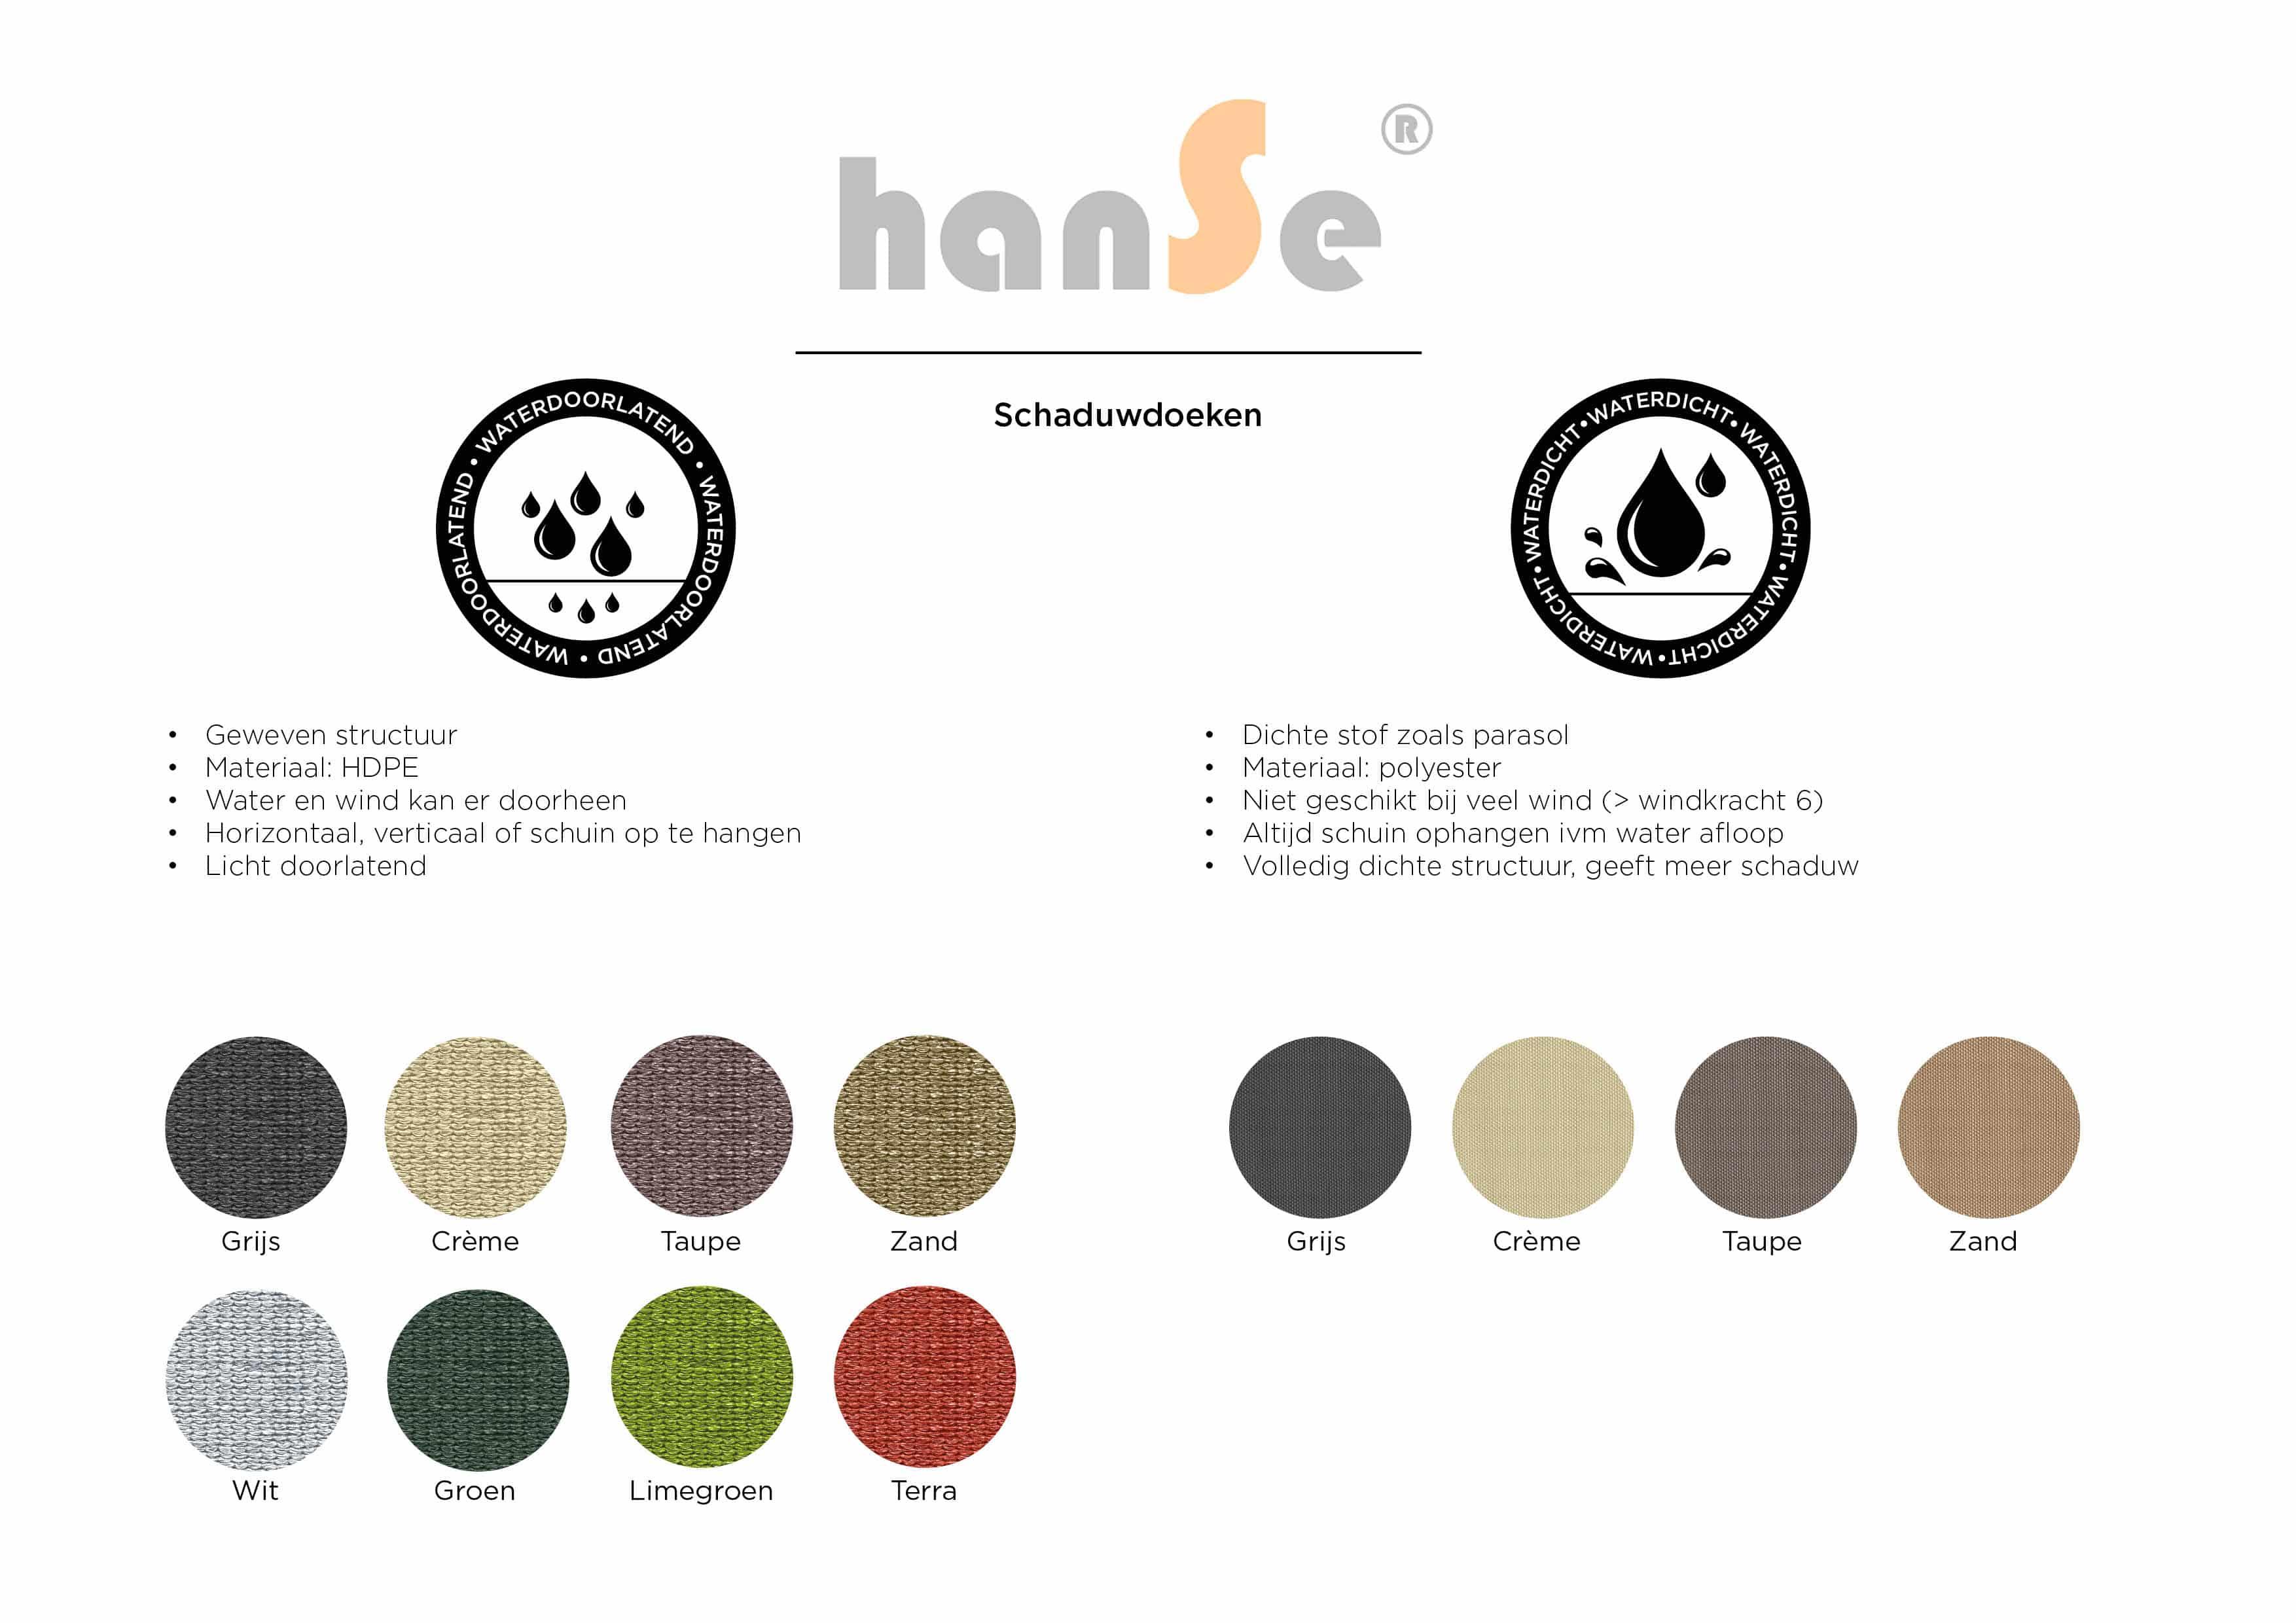 hanSe® Schaduwdoek Vierkant Waterdoorlatend 2,5x2,5 m - Lime